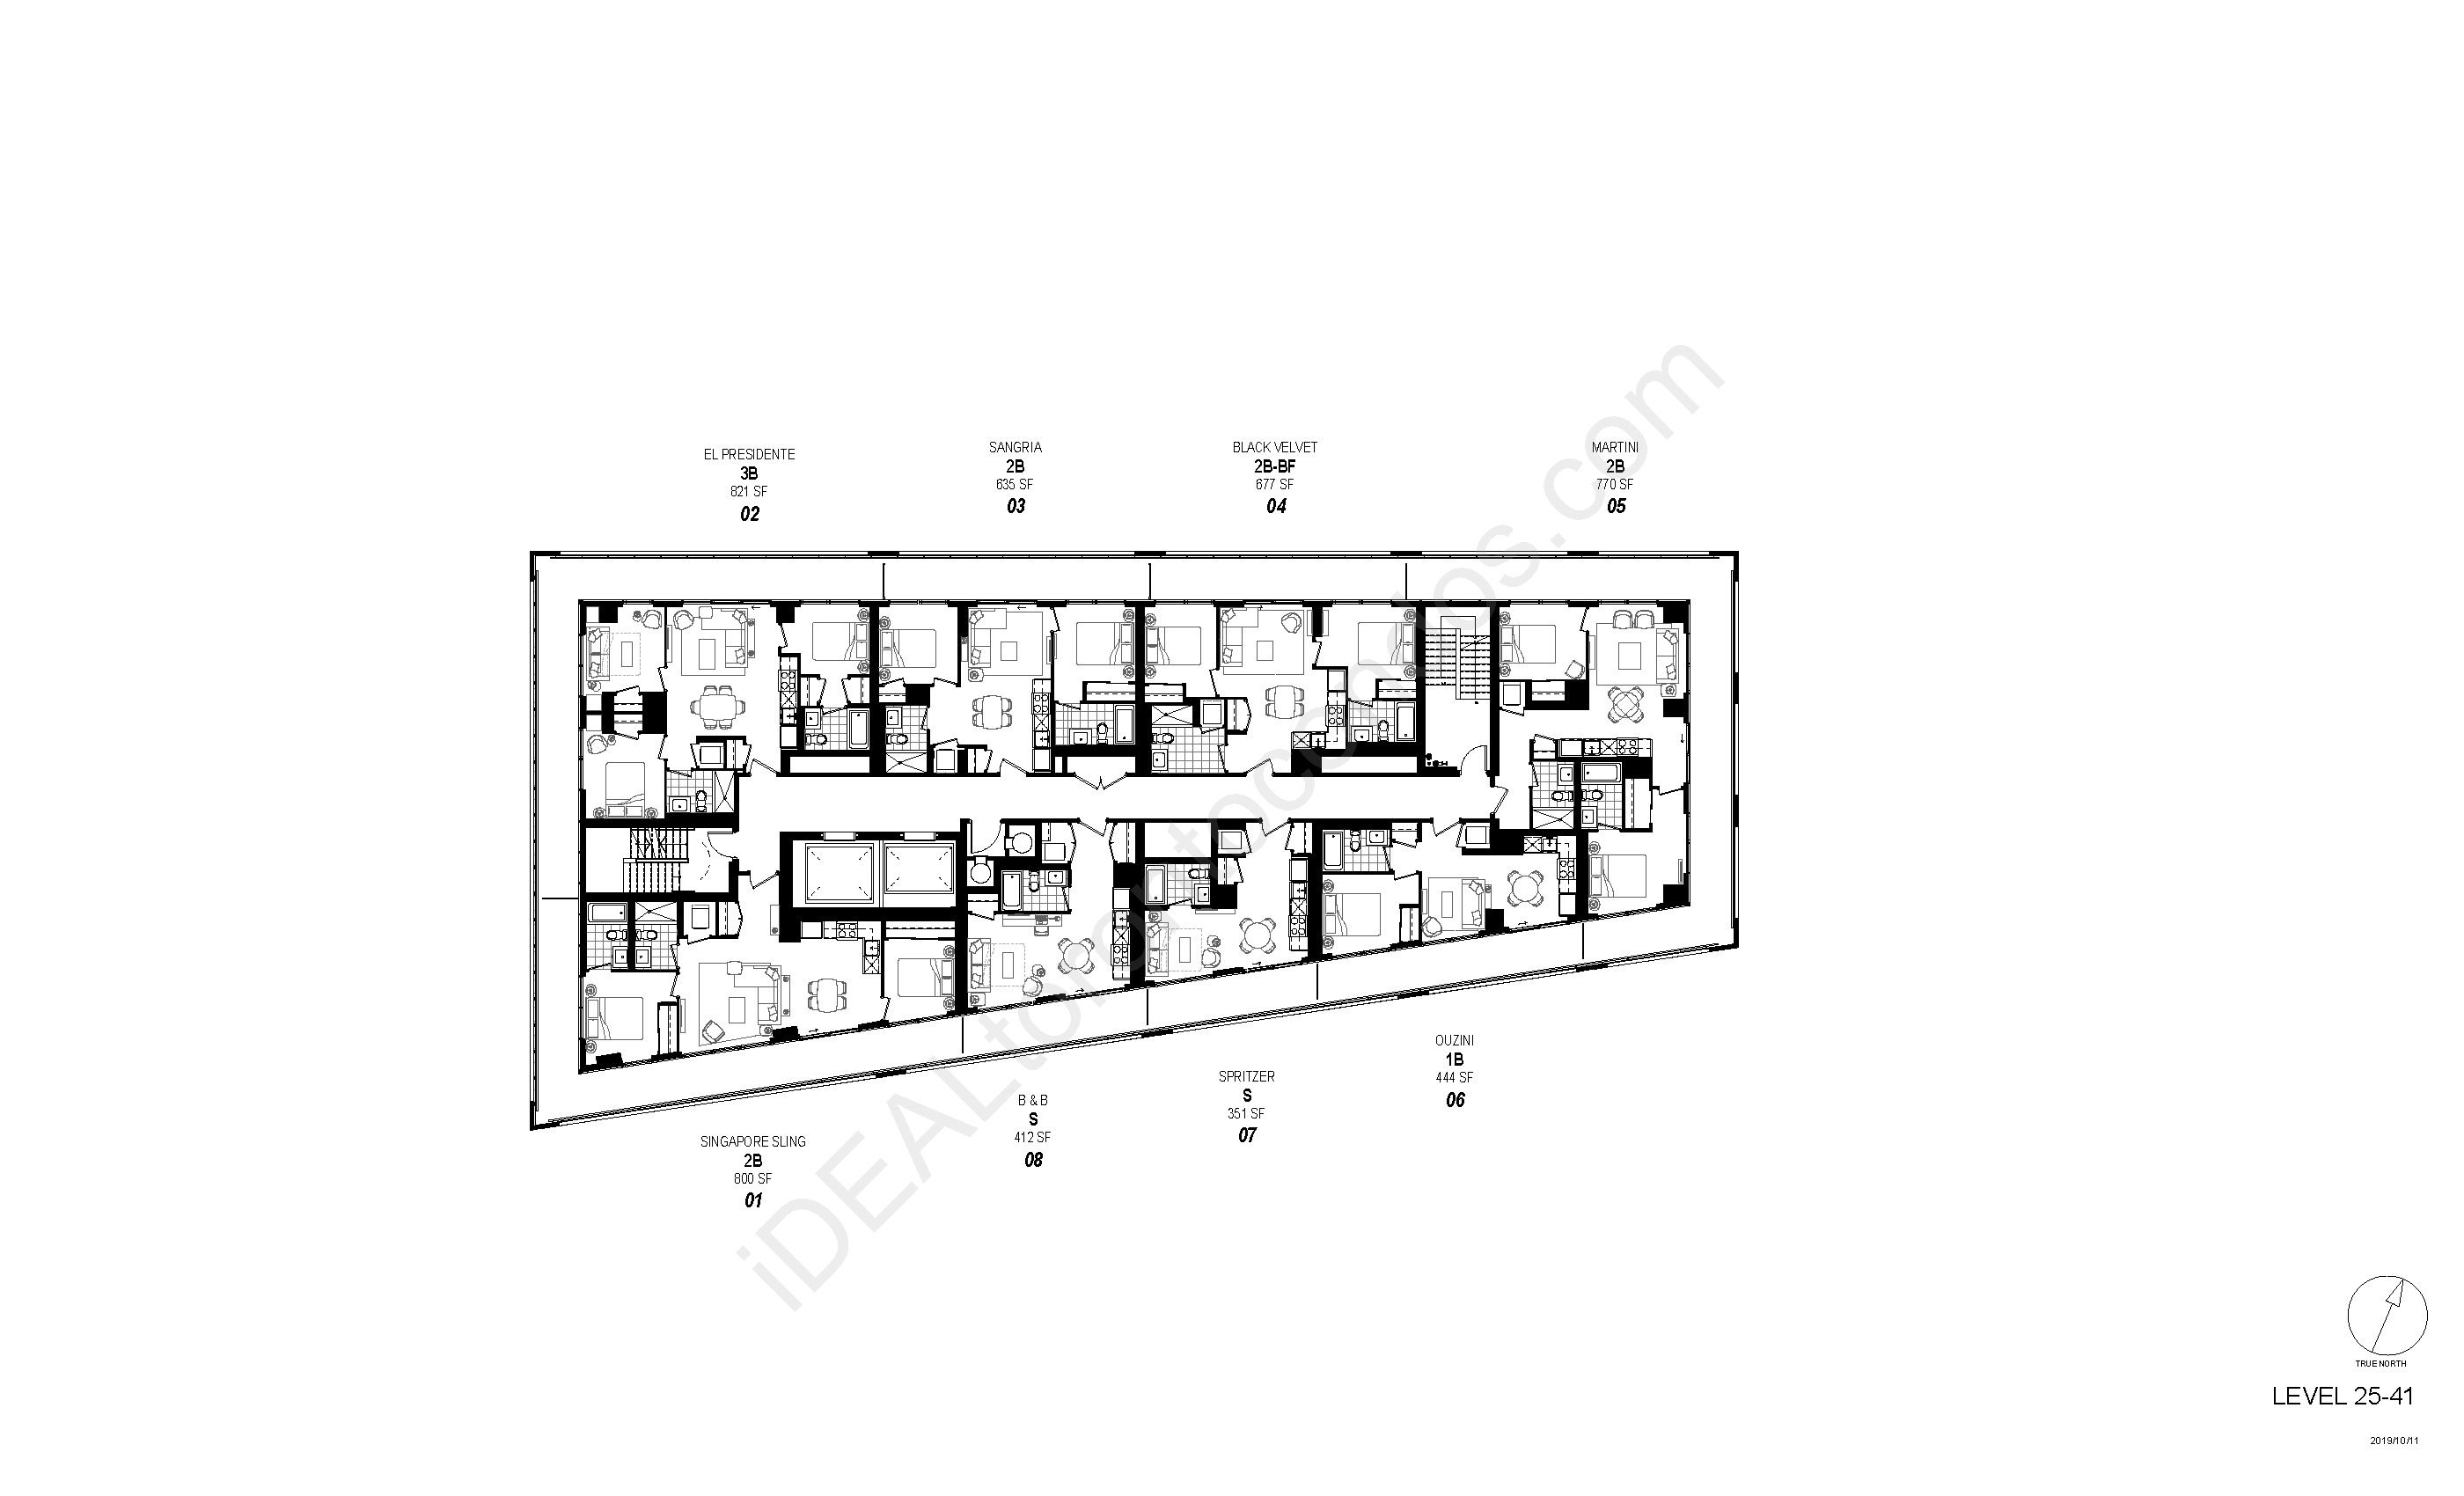 Floorplan Level 25 to 41